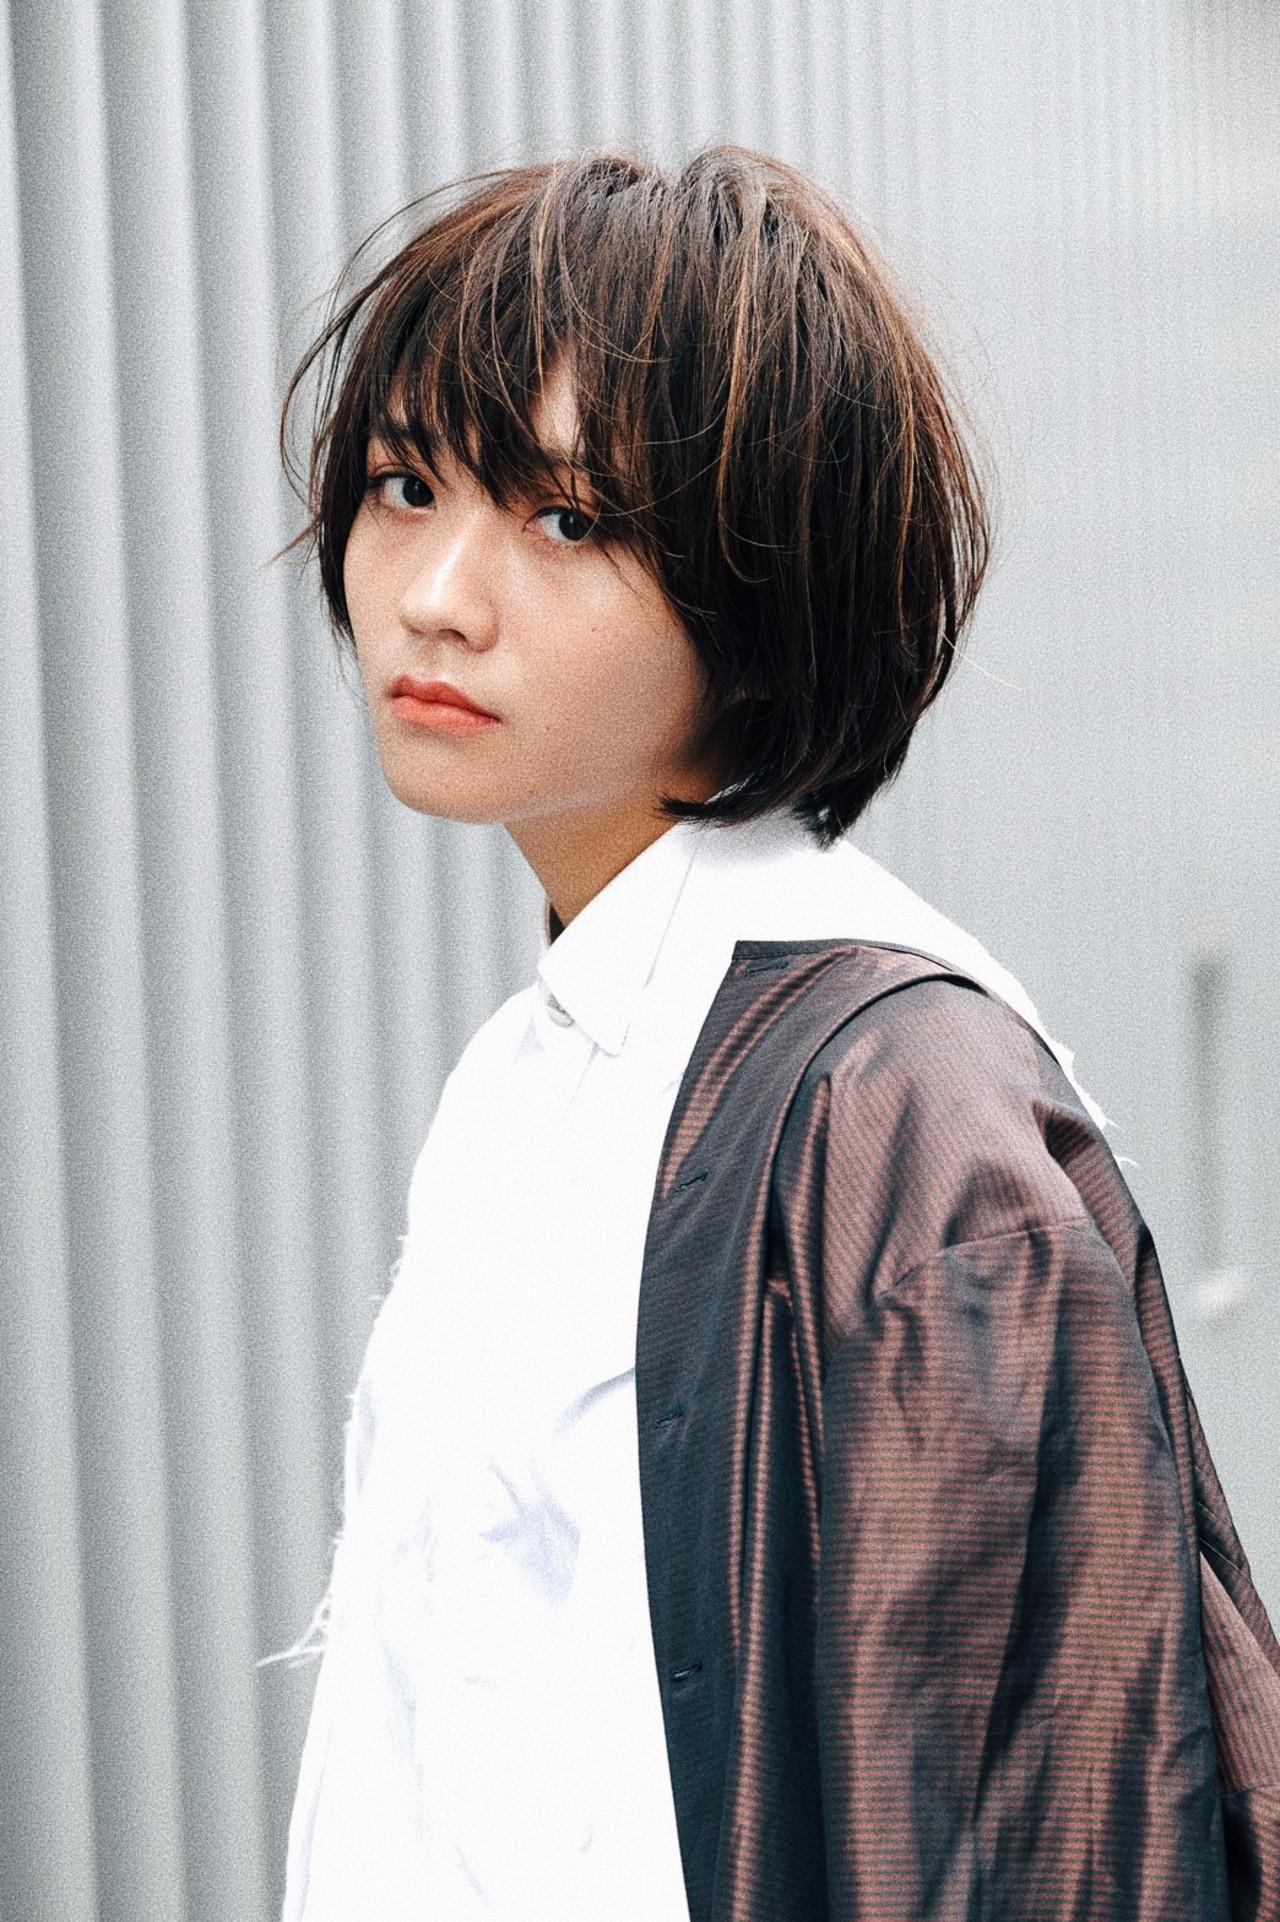 ミニボブ 阿藤俊也 PEEK-A-BOO ボブ ヘアスタイルや髪型の写真・画像